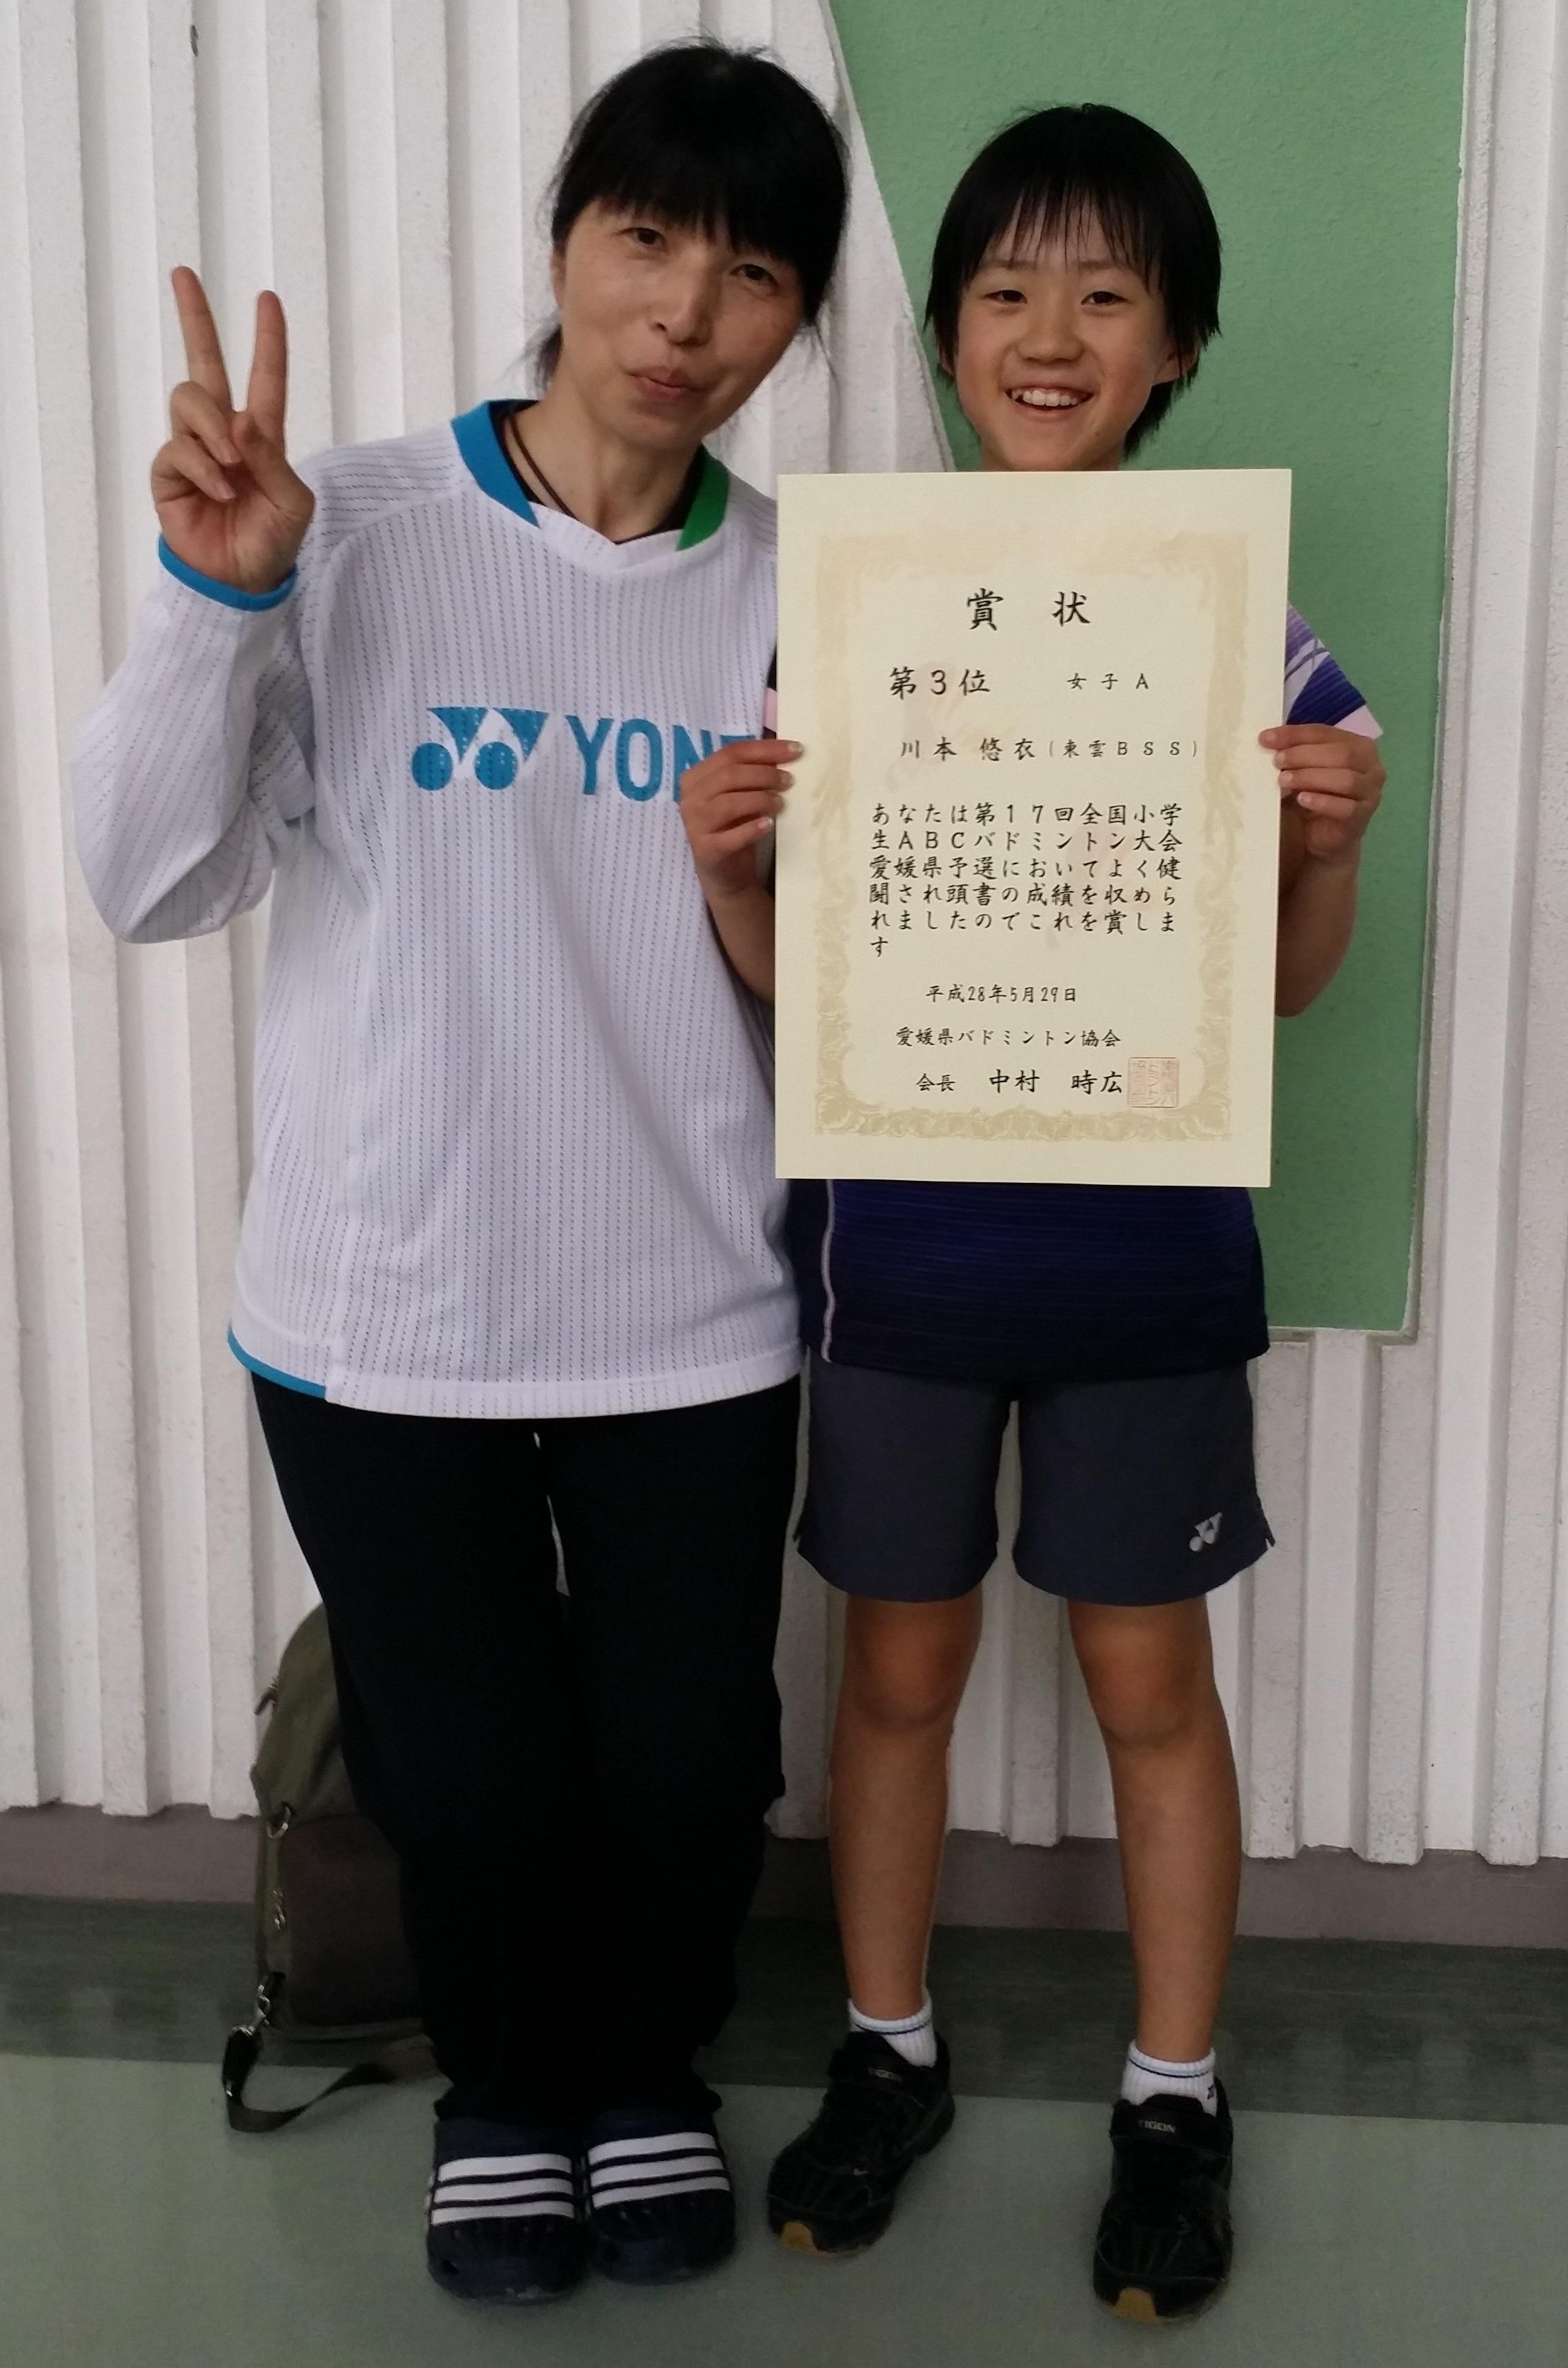 20160529悠衣賞状